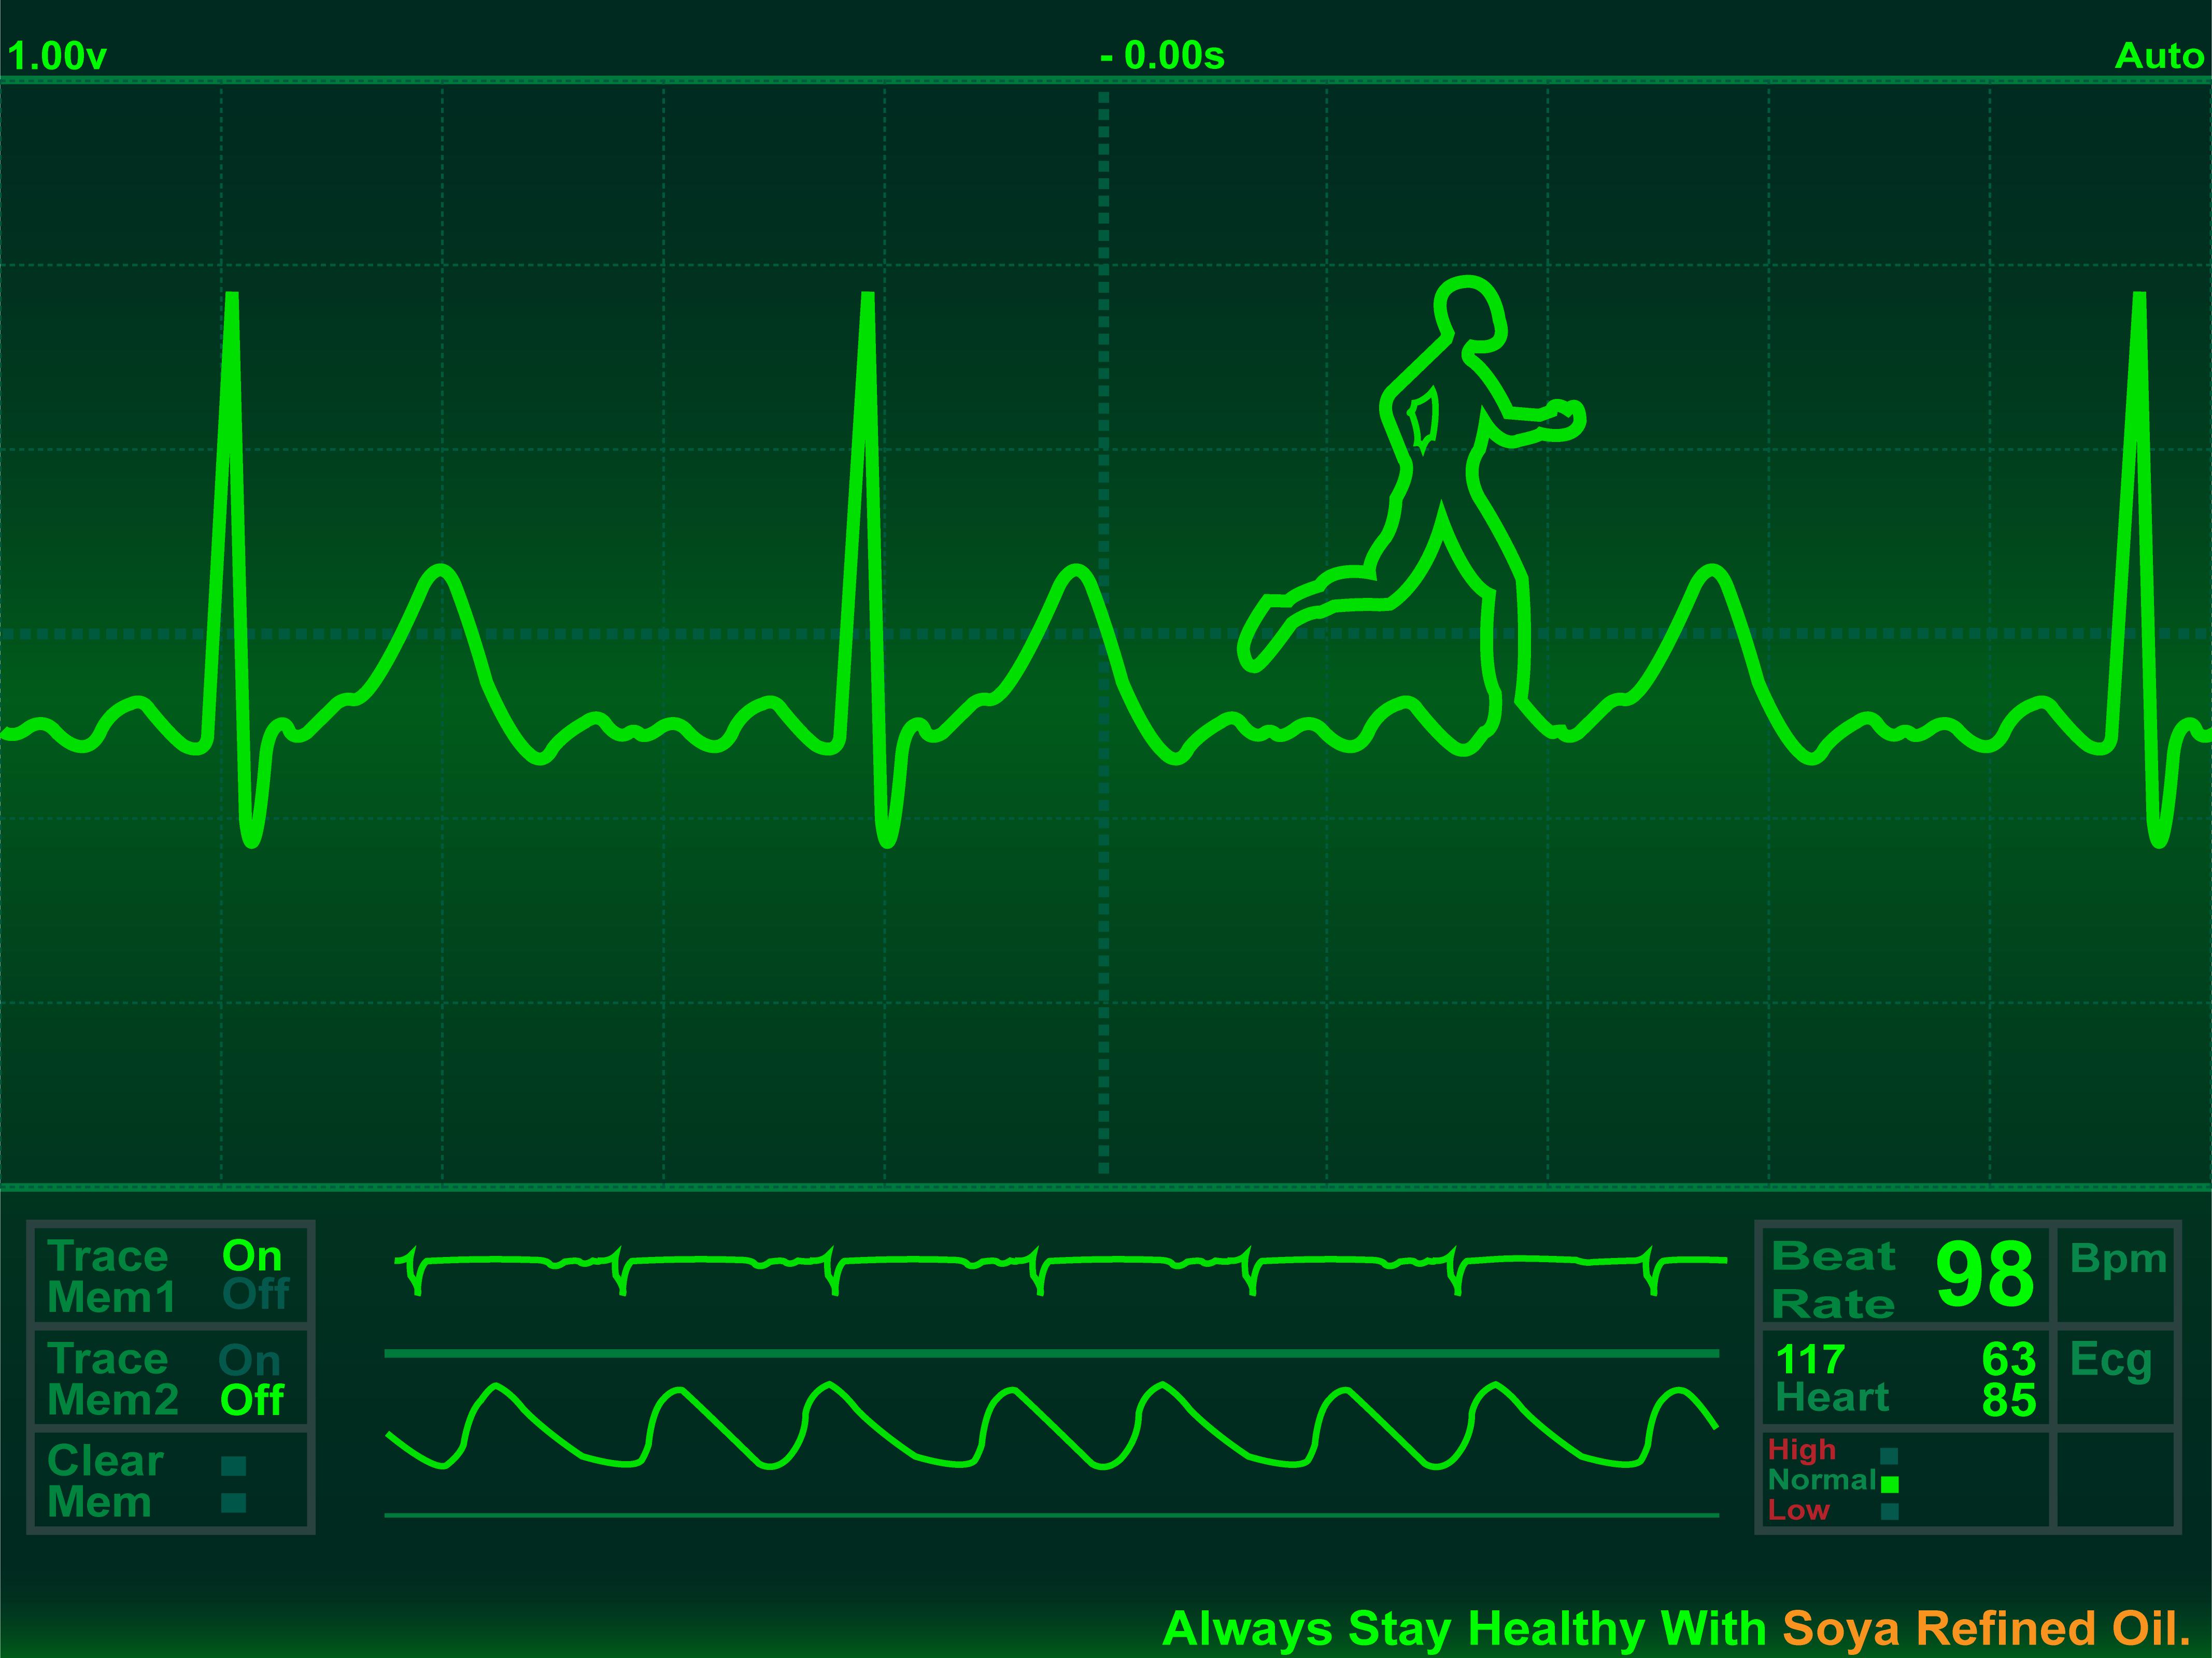 hearts heart beat ecg 3lJN